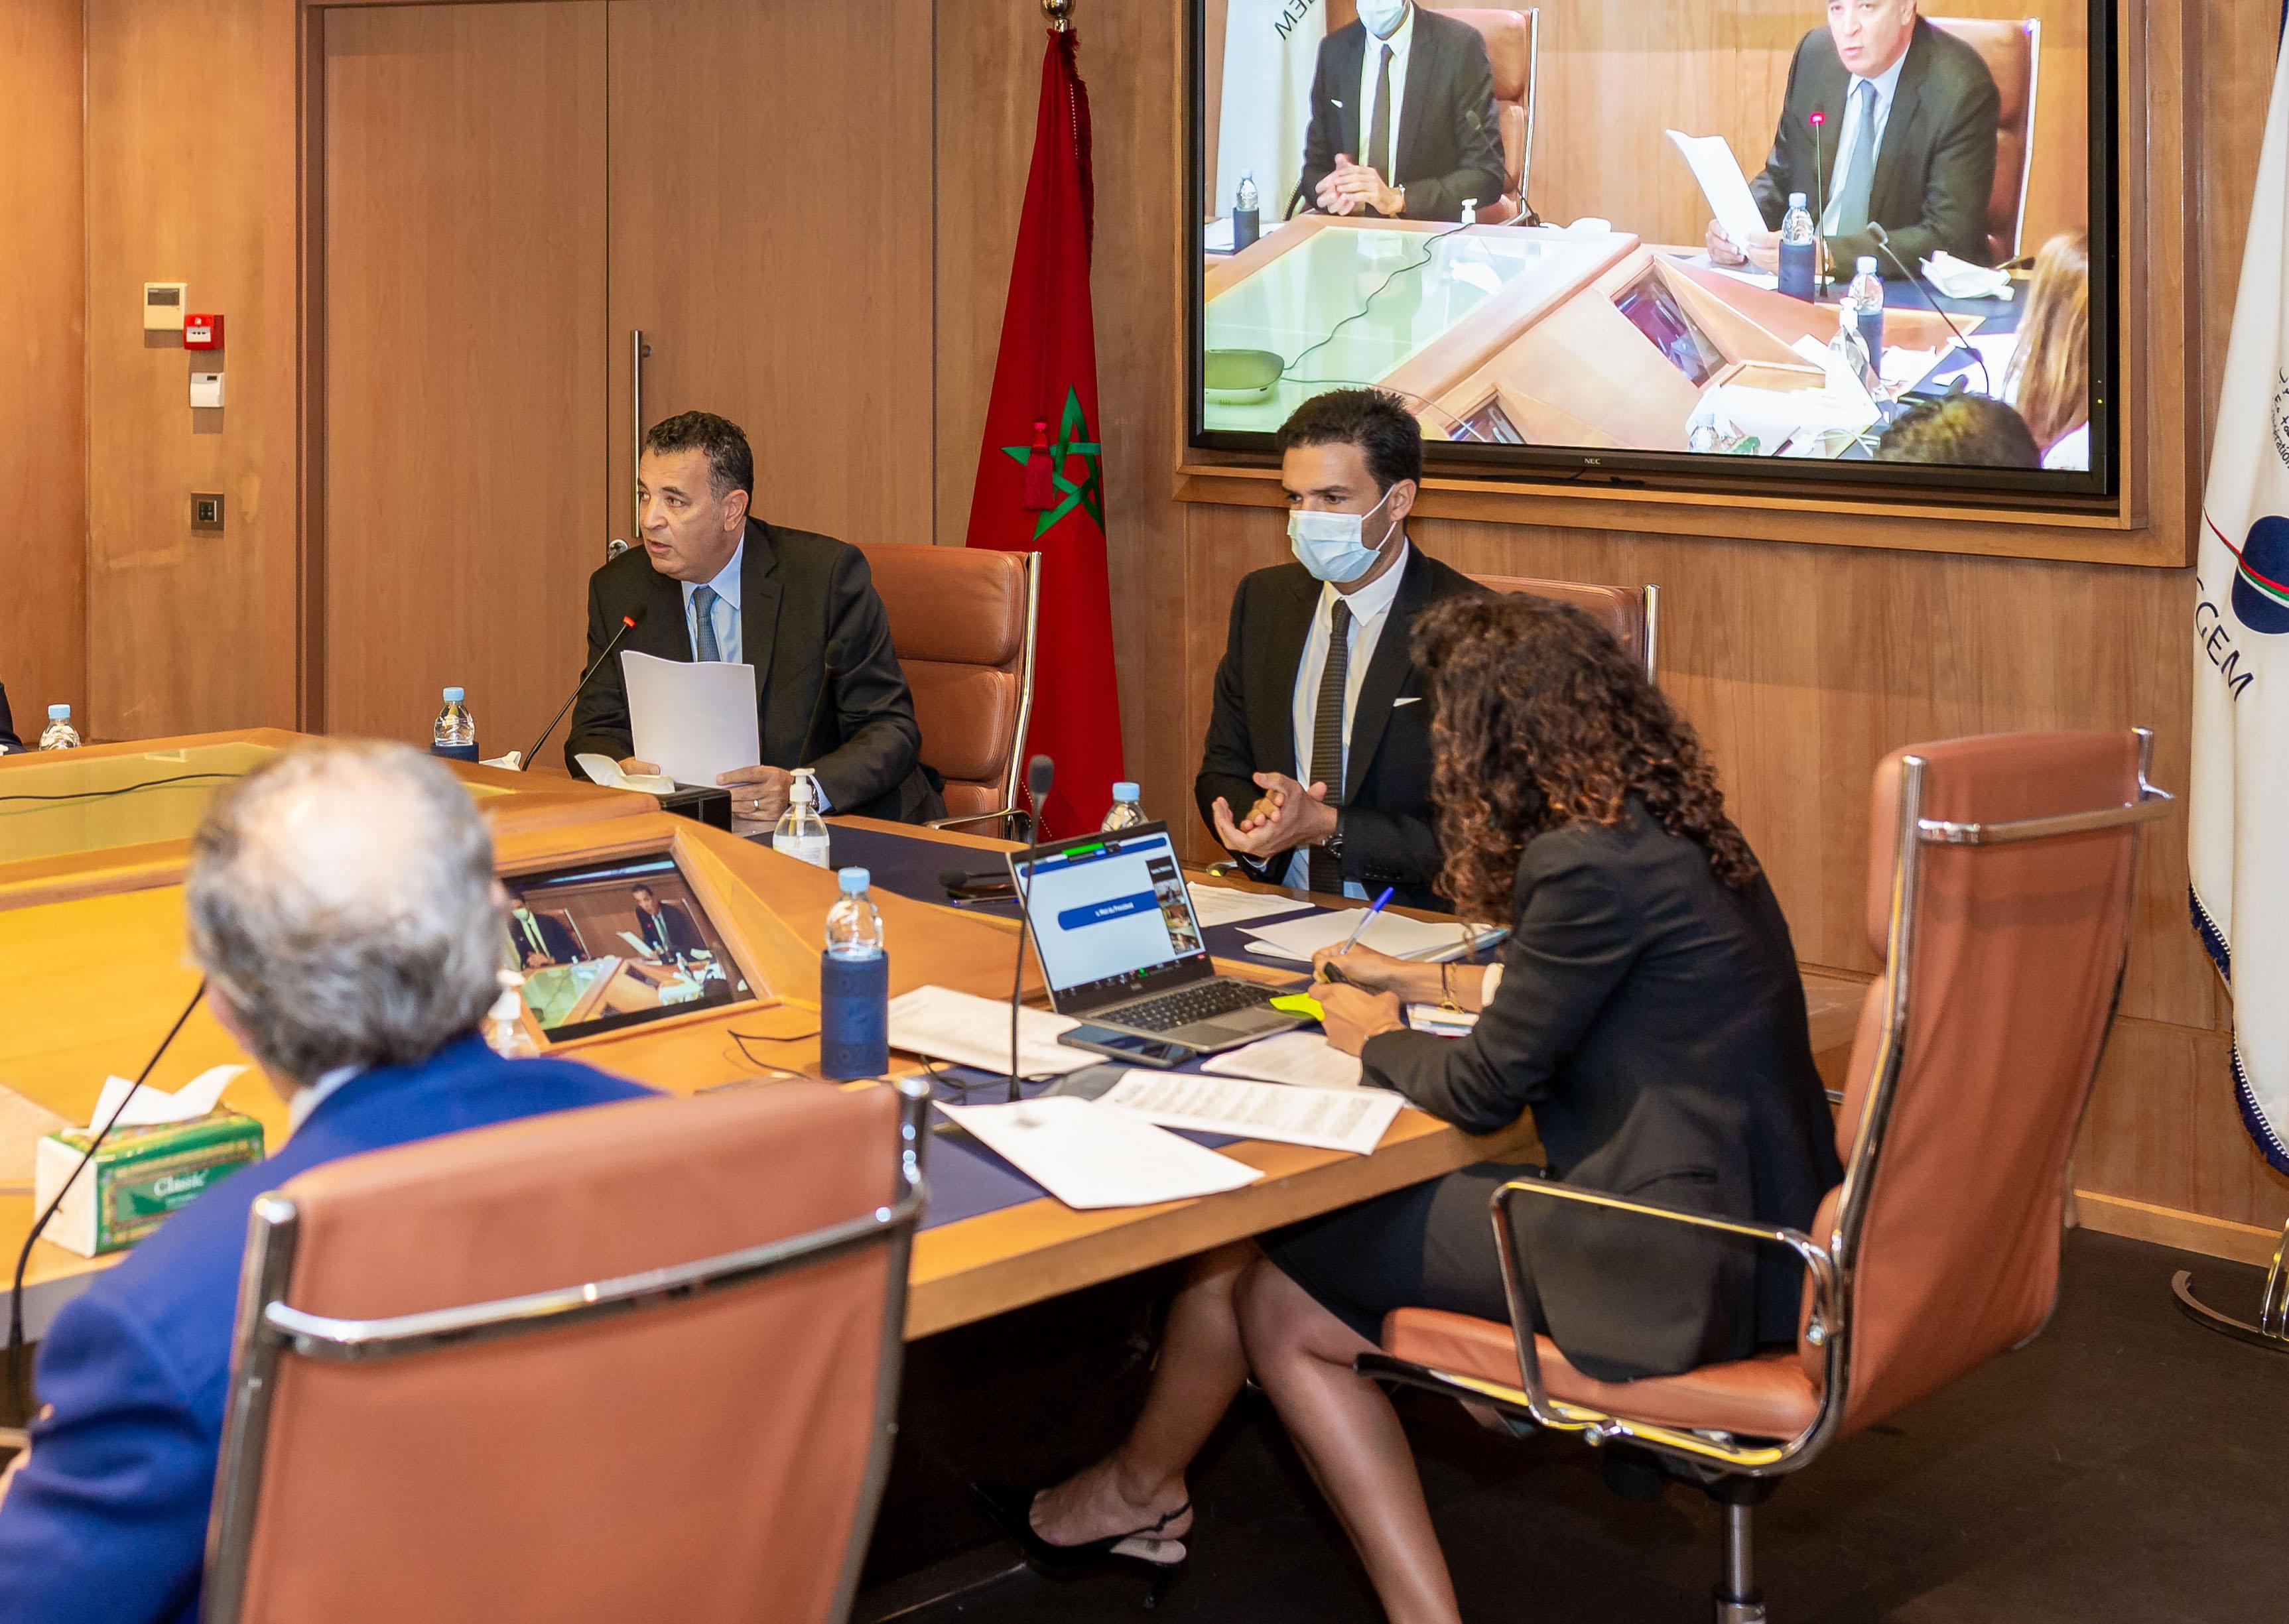 الاتحاد العام لمقاولات المغرب يعقد مجلس إدارته